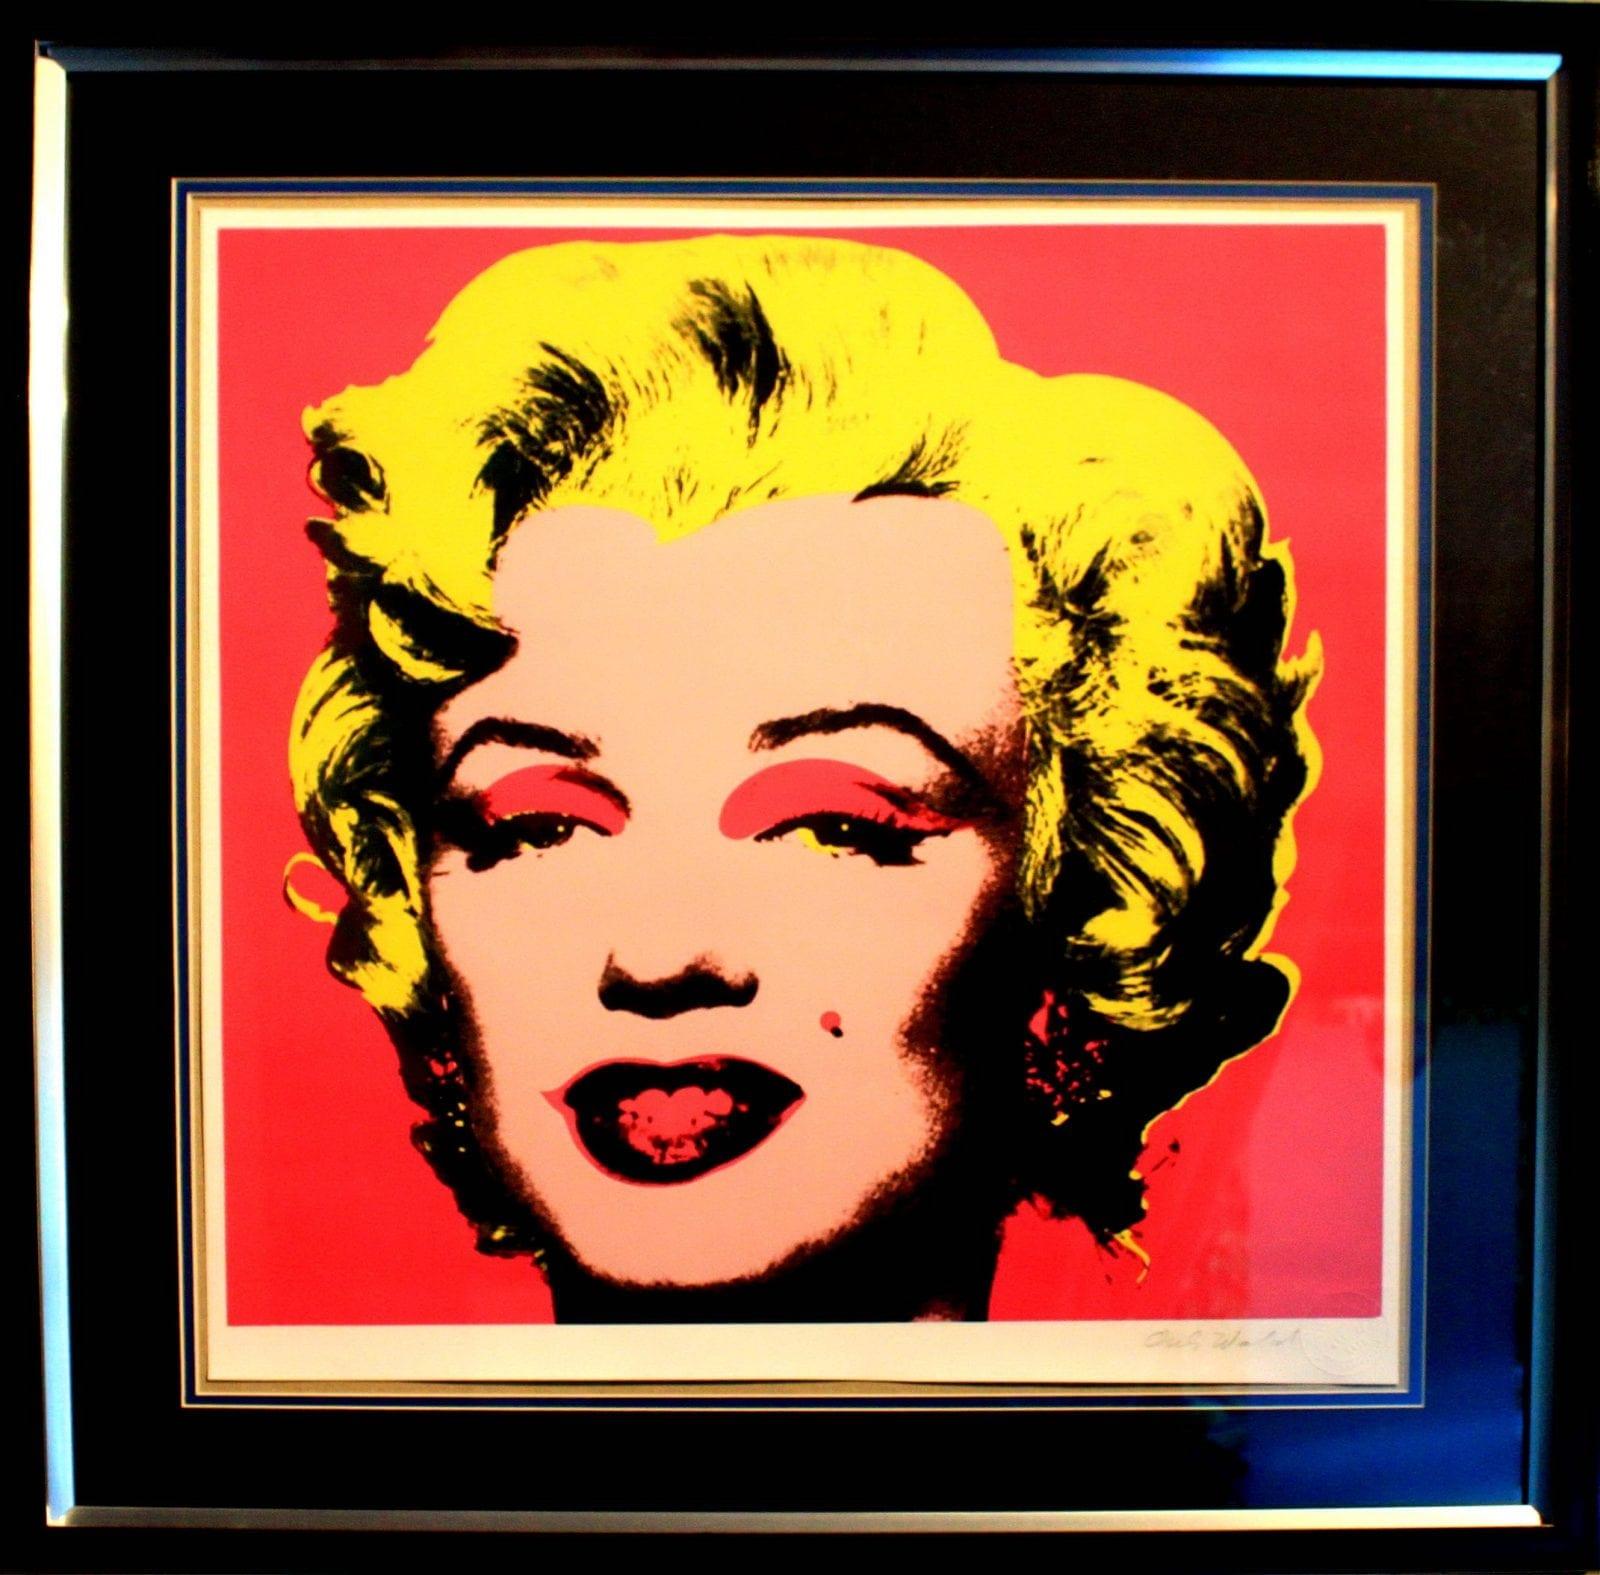 ANDY WARHOL - ArtXpert București prezintă: Affordable Art Sale